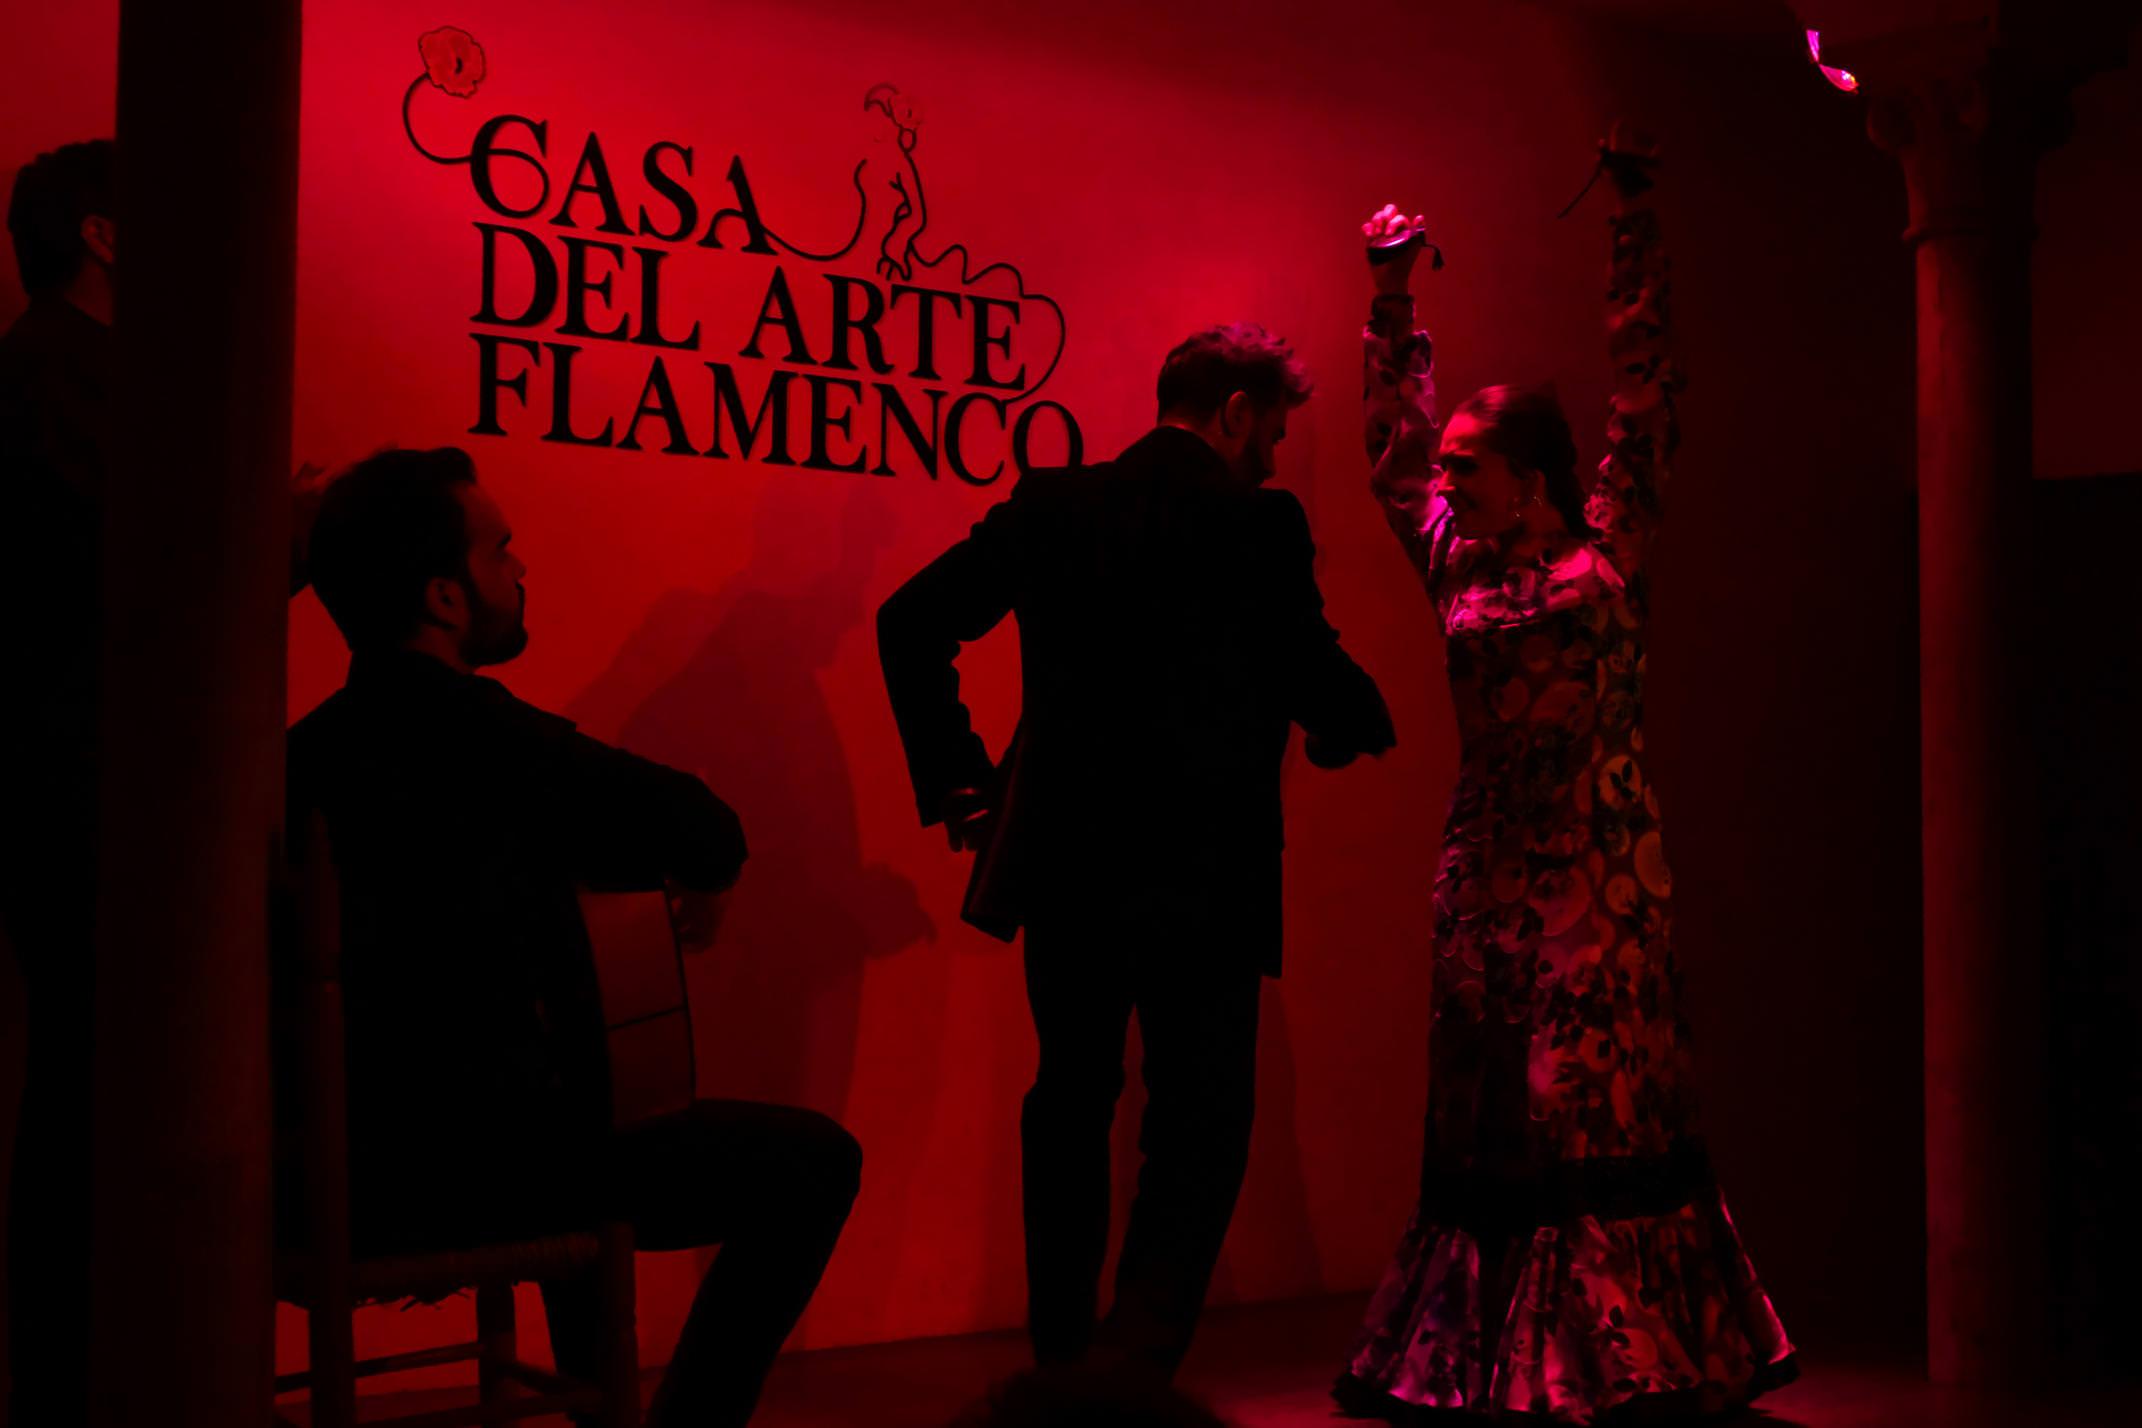 The best flamenco in Granada is found at Casa del Arte Flamenco